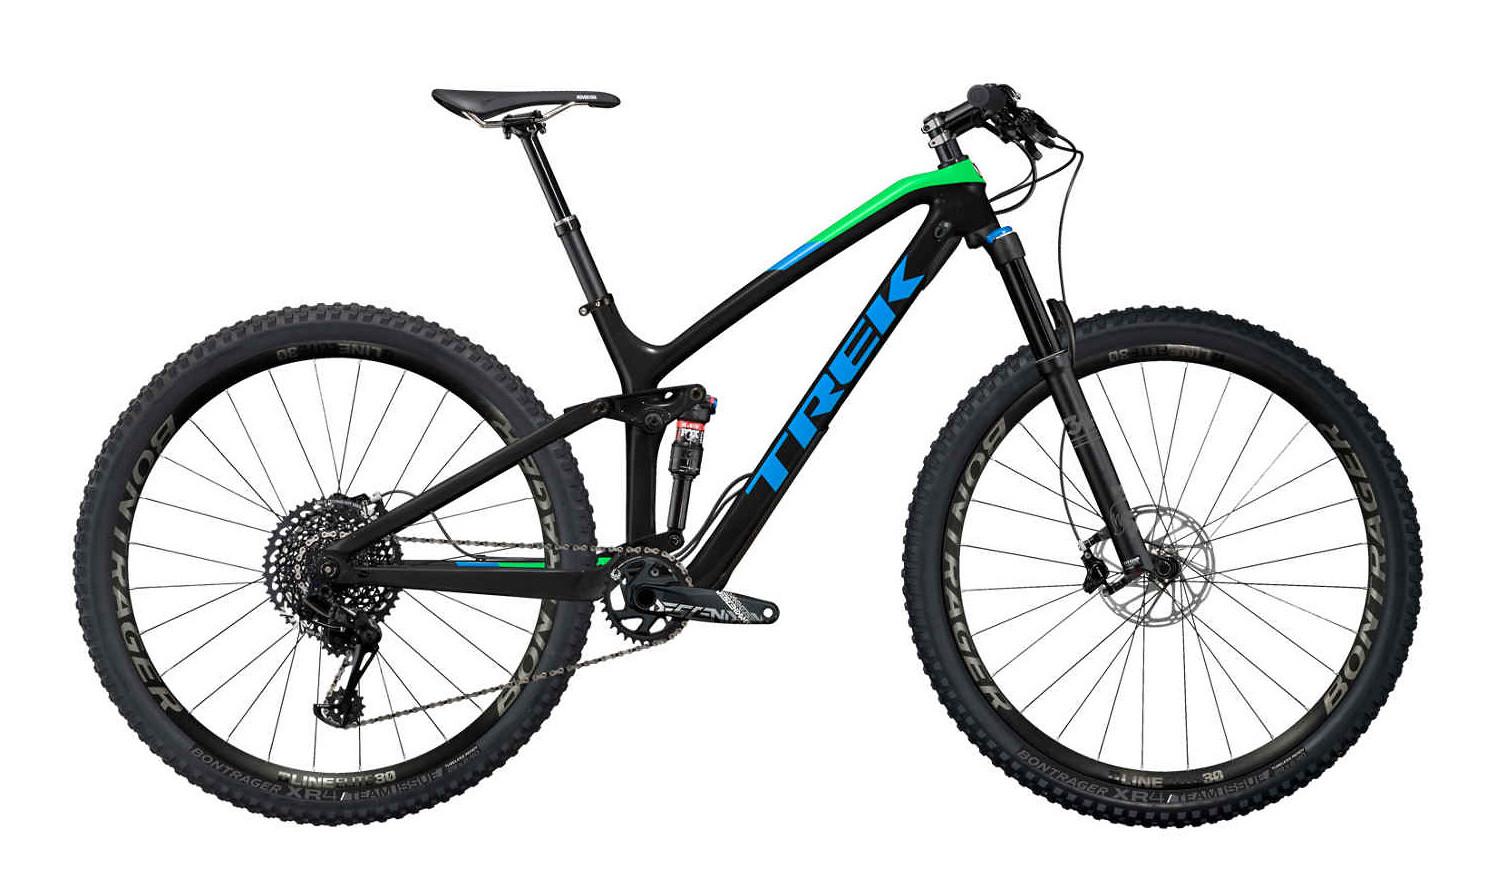 2018 Trek Fuel EX 9 8 29 Bike - Reviews, Comparisons, Specs